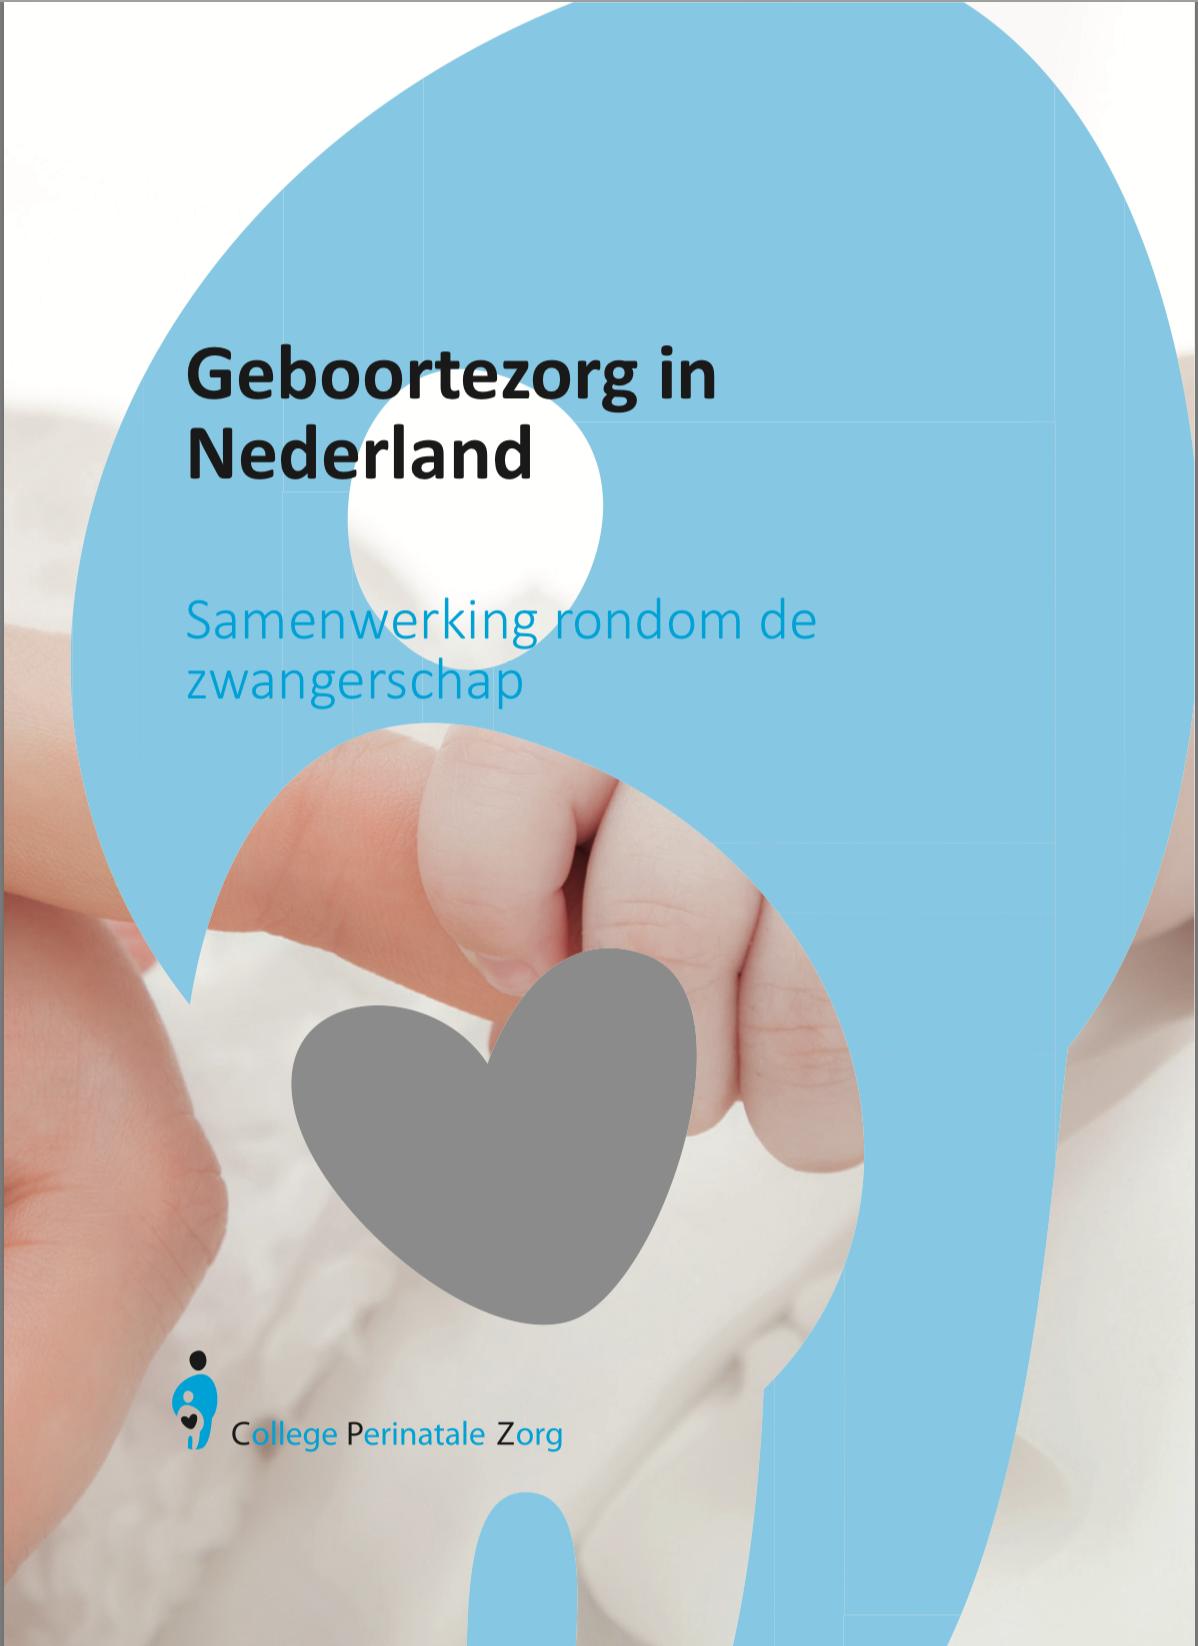 Geboortezorg in Nederland